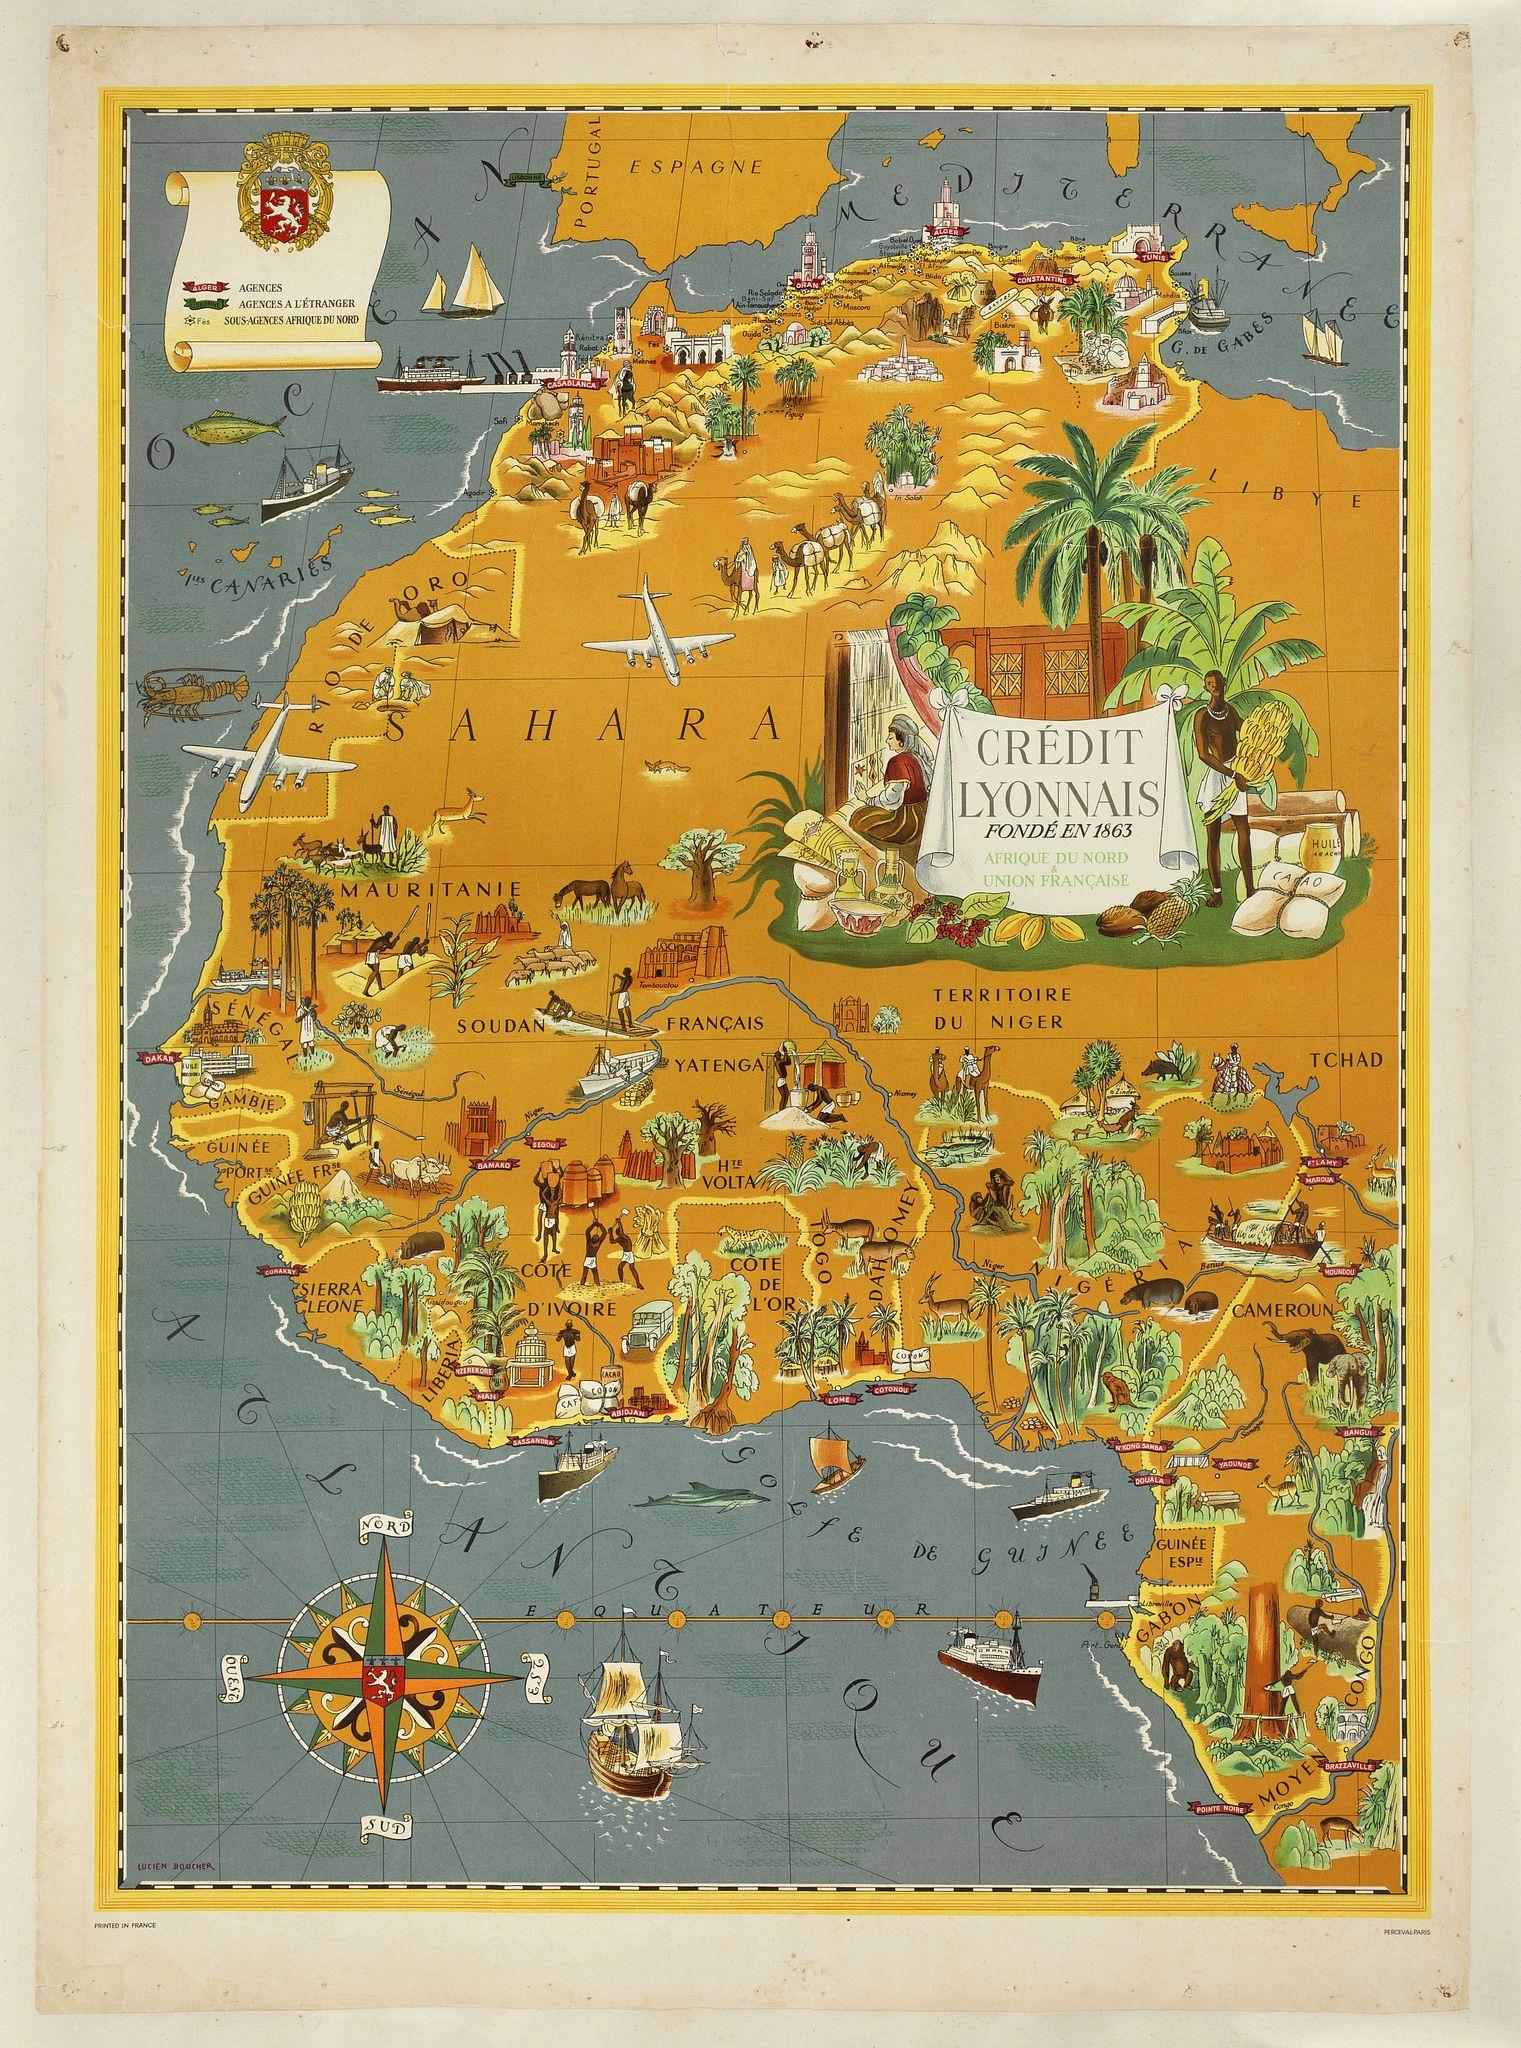 BOUCHER, L. -  [Planisphère] - Crédit Lyonnais - Fondé en 1863. Afrique du Nord à Union Française.